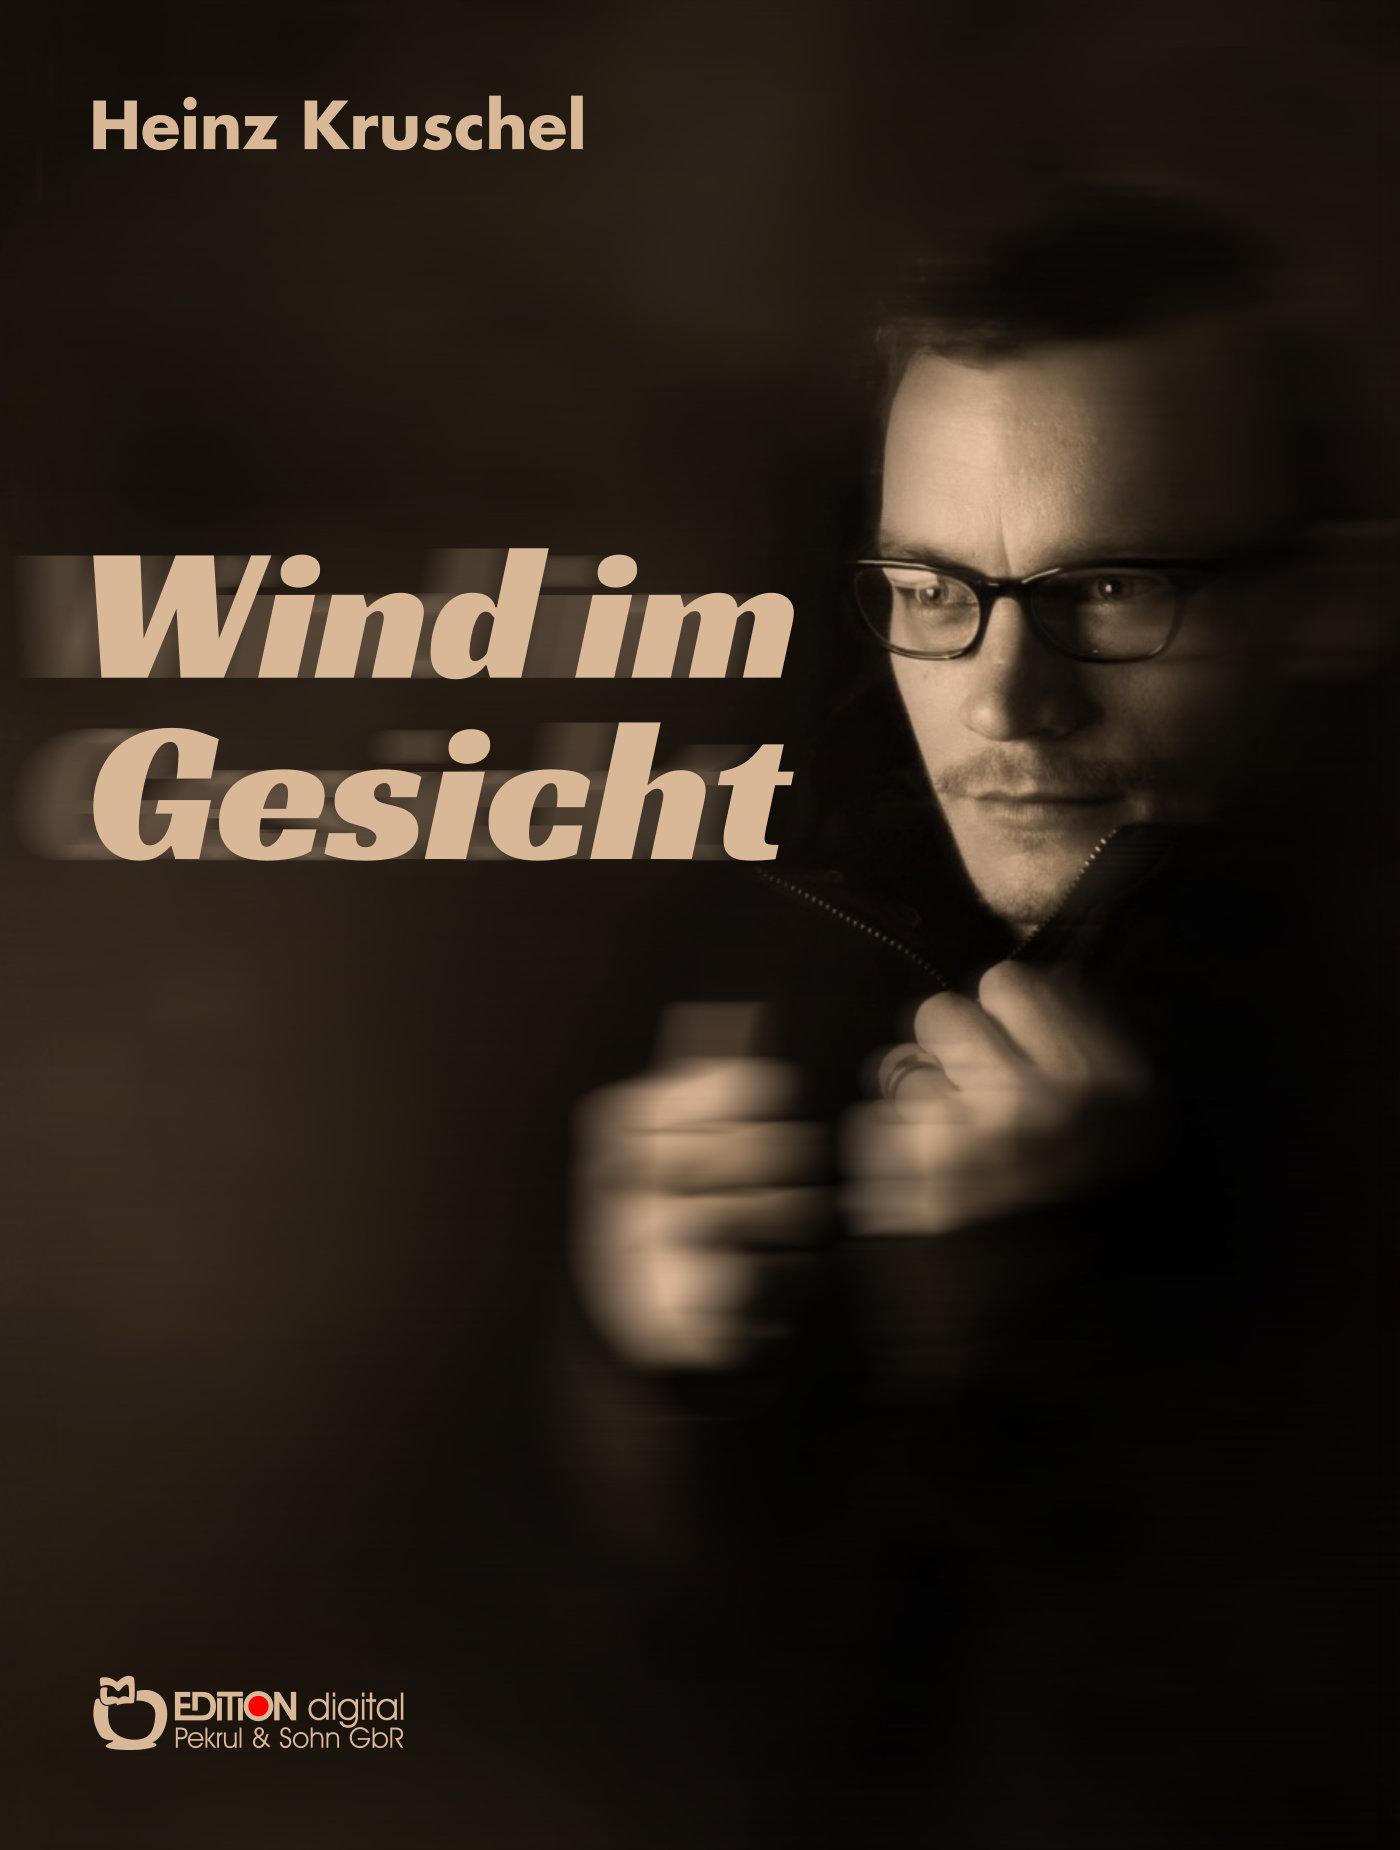 Wind im Gesicht von Heinz Kruschel